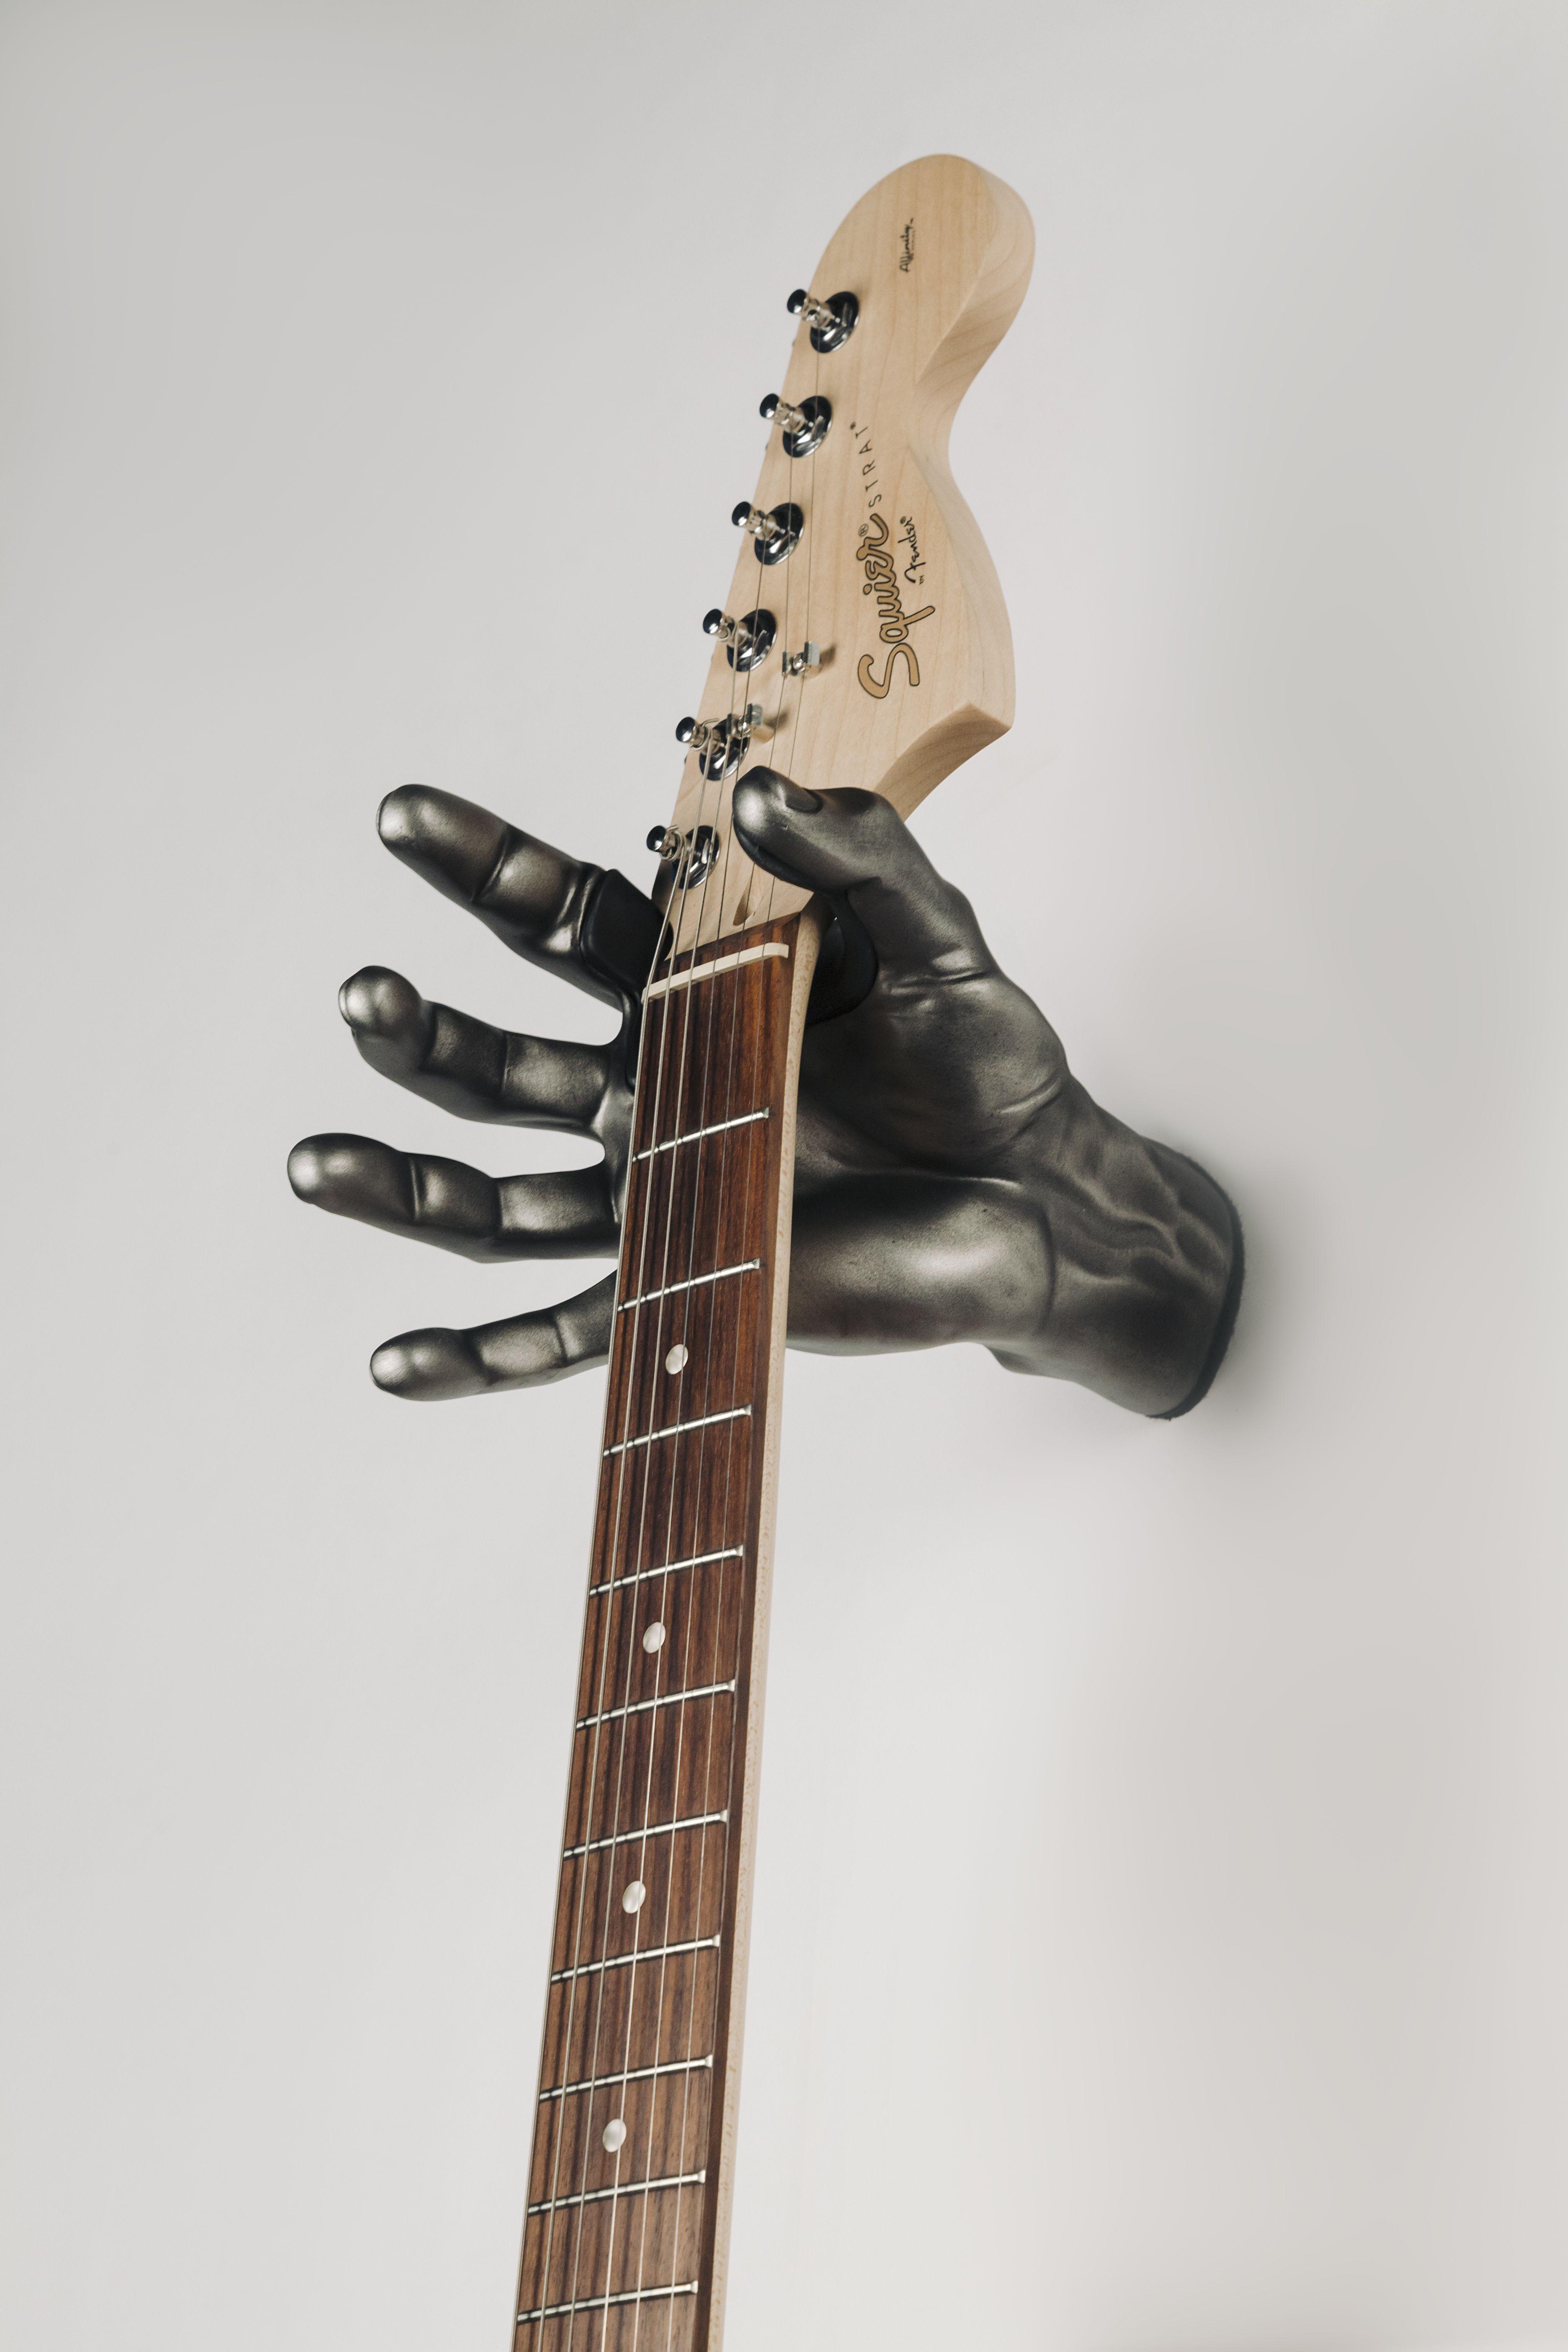 General Guitar Hanger Hook Holder Wall Mount Display Black